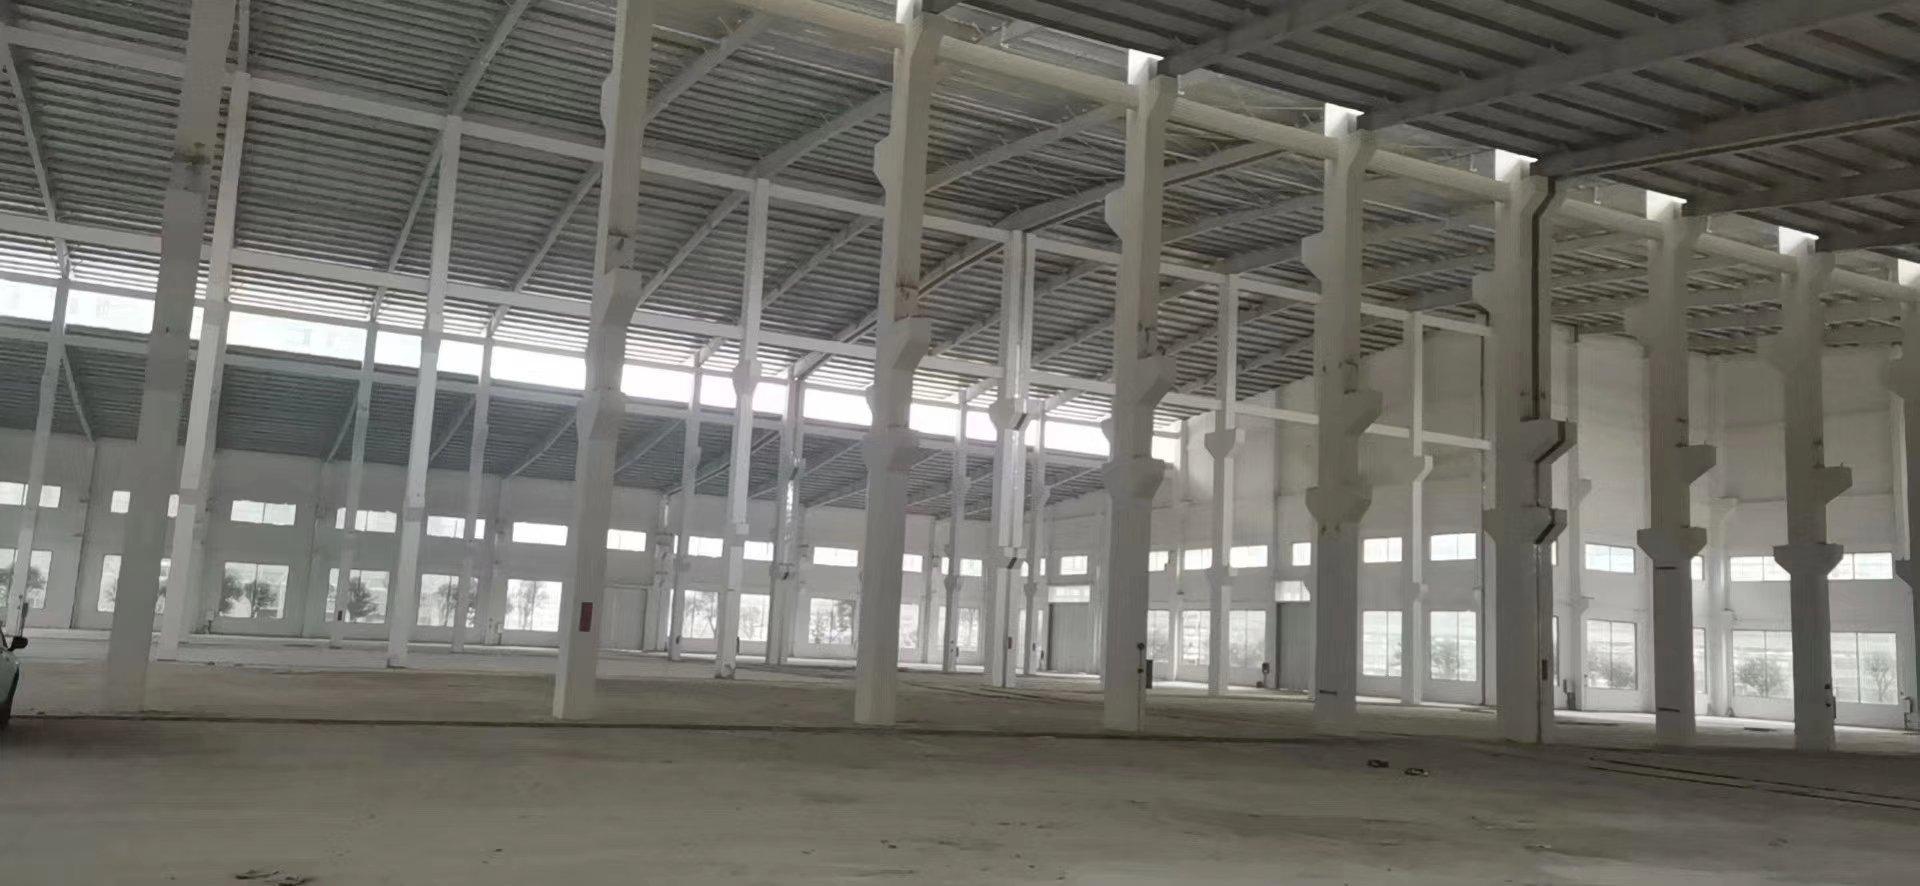 肇庆国家级高新开发园区滴水12砖墙到顶单一层厂房出售-图5